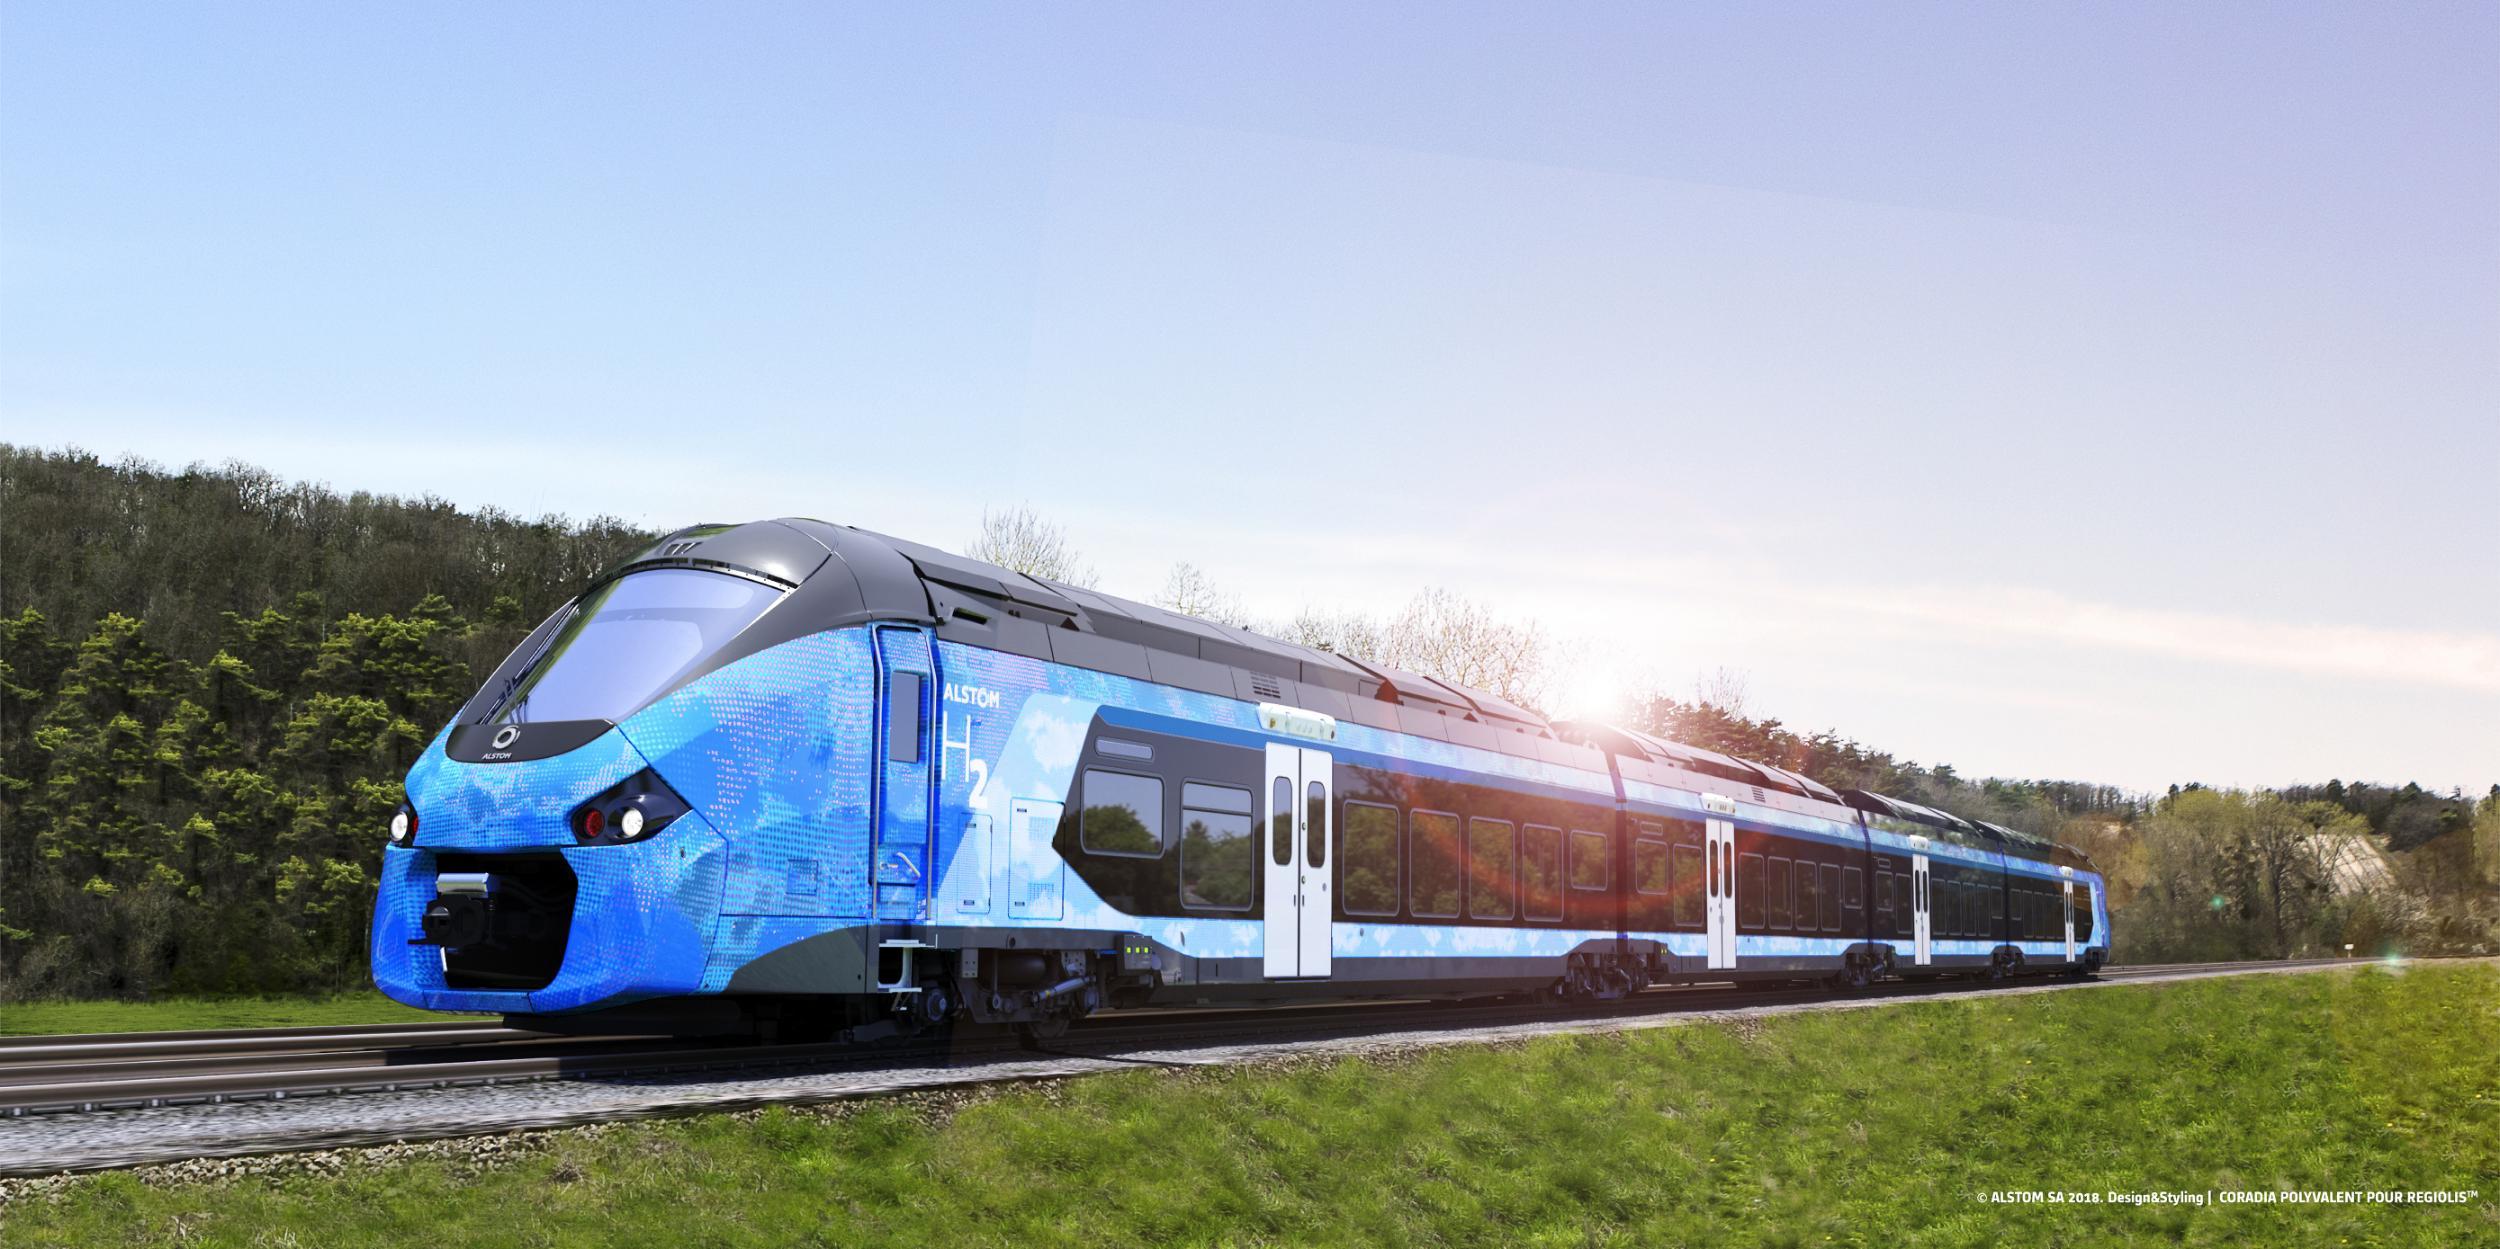 """Le """"Coradia Polyvalent bimode hydrogène"""", train à hydrogène pour les régions françaises (c) Alstom / Design & Styling"""